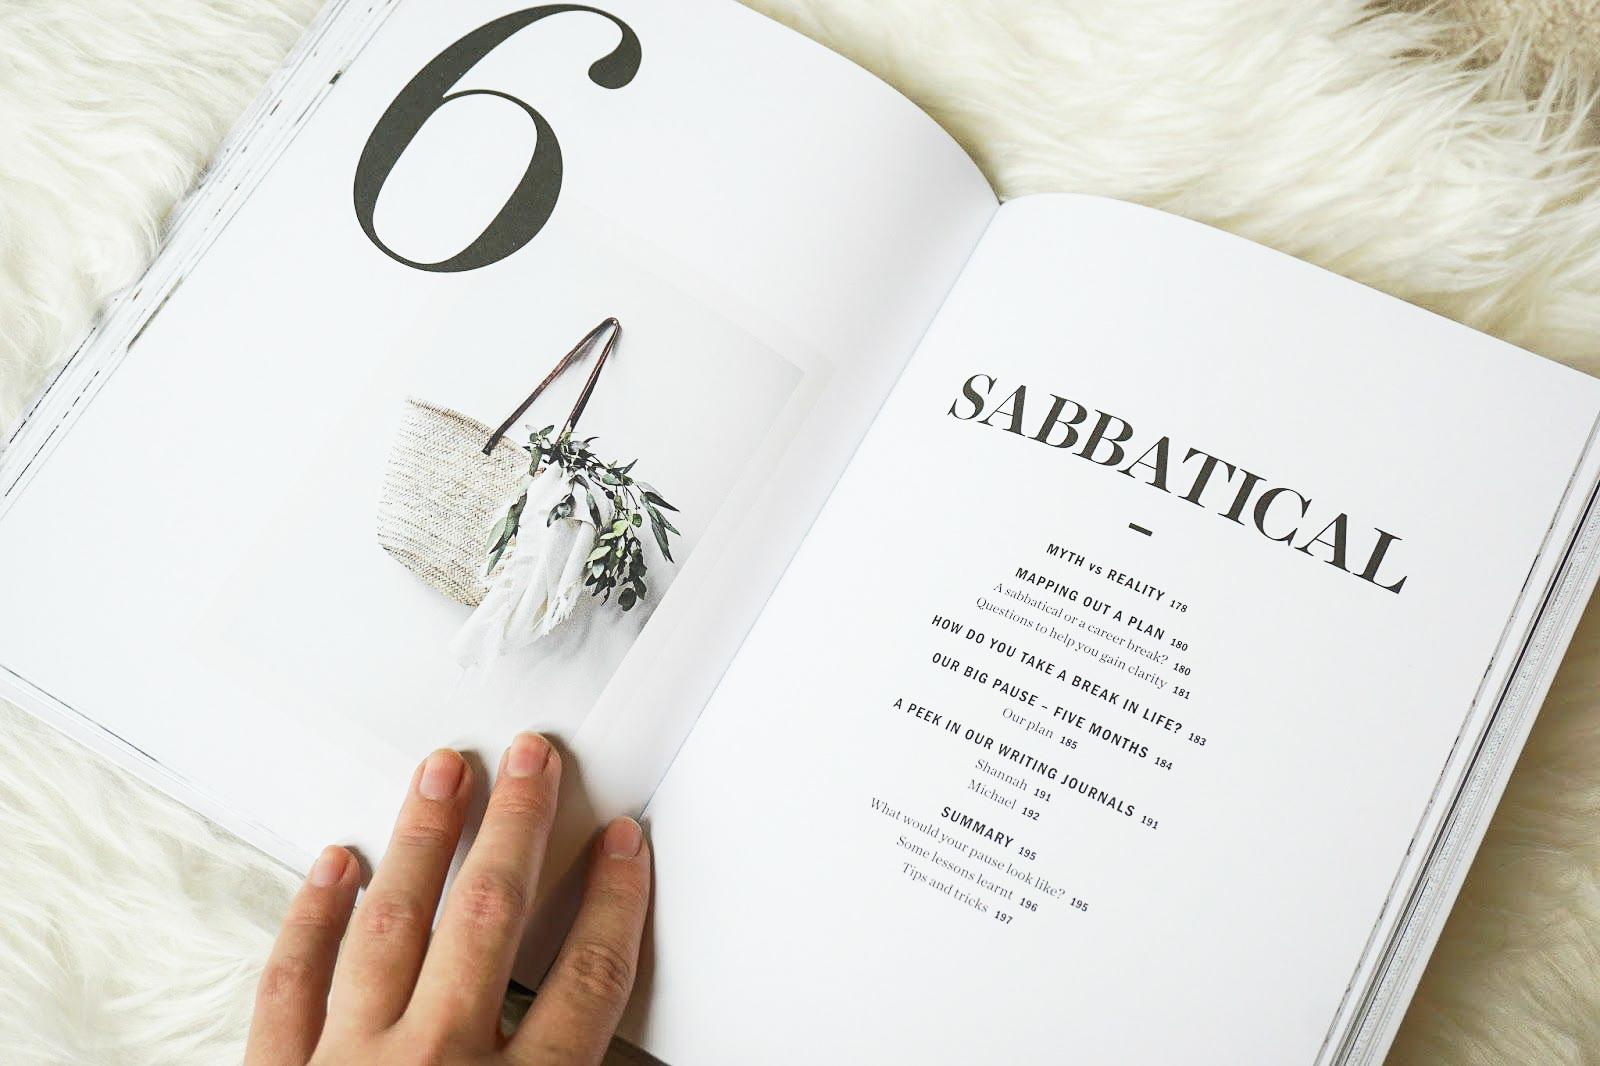 sabatico sabbatic lolla lizzie lately - Meu Período Sabático